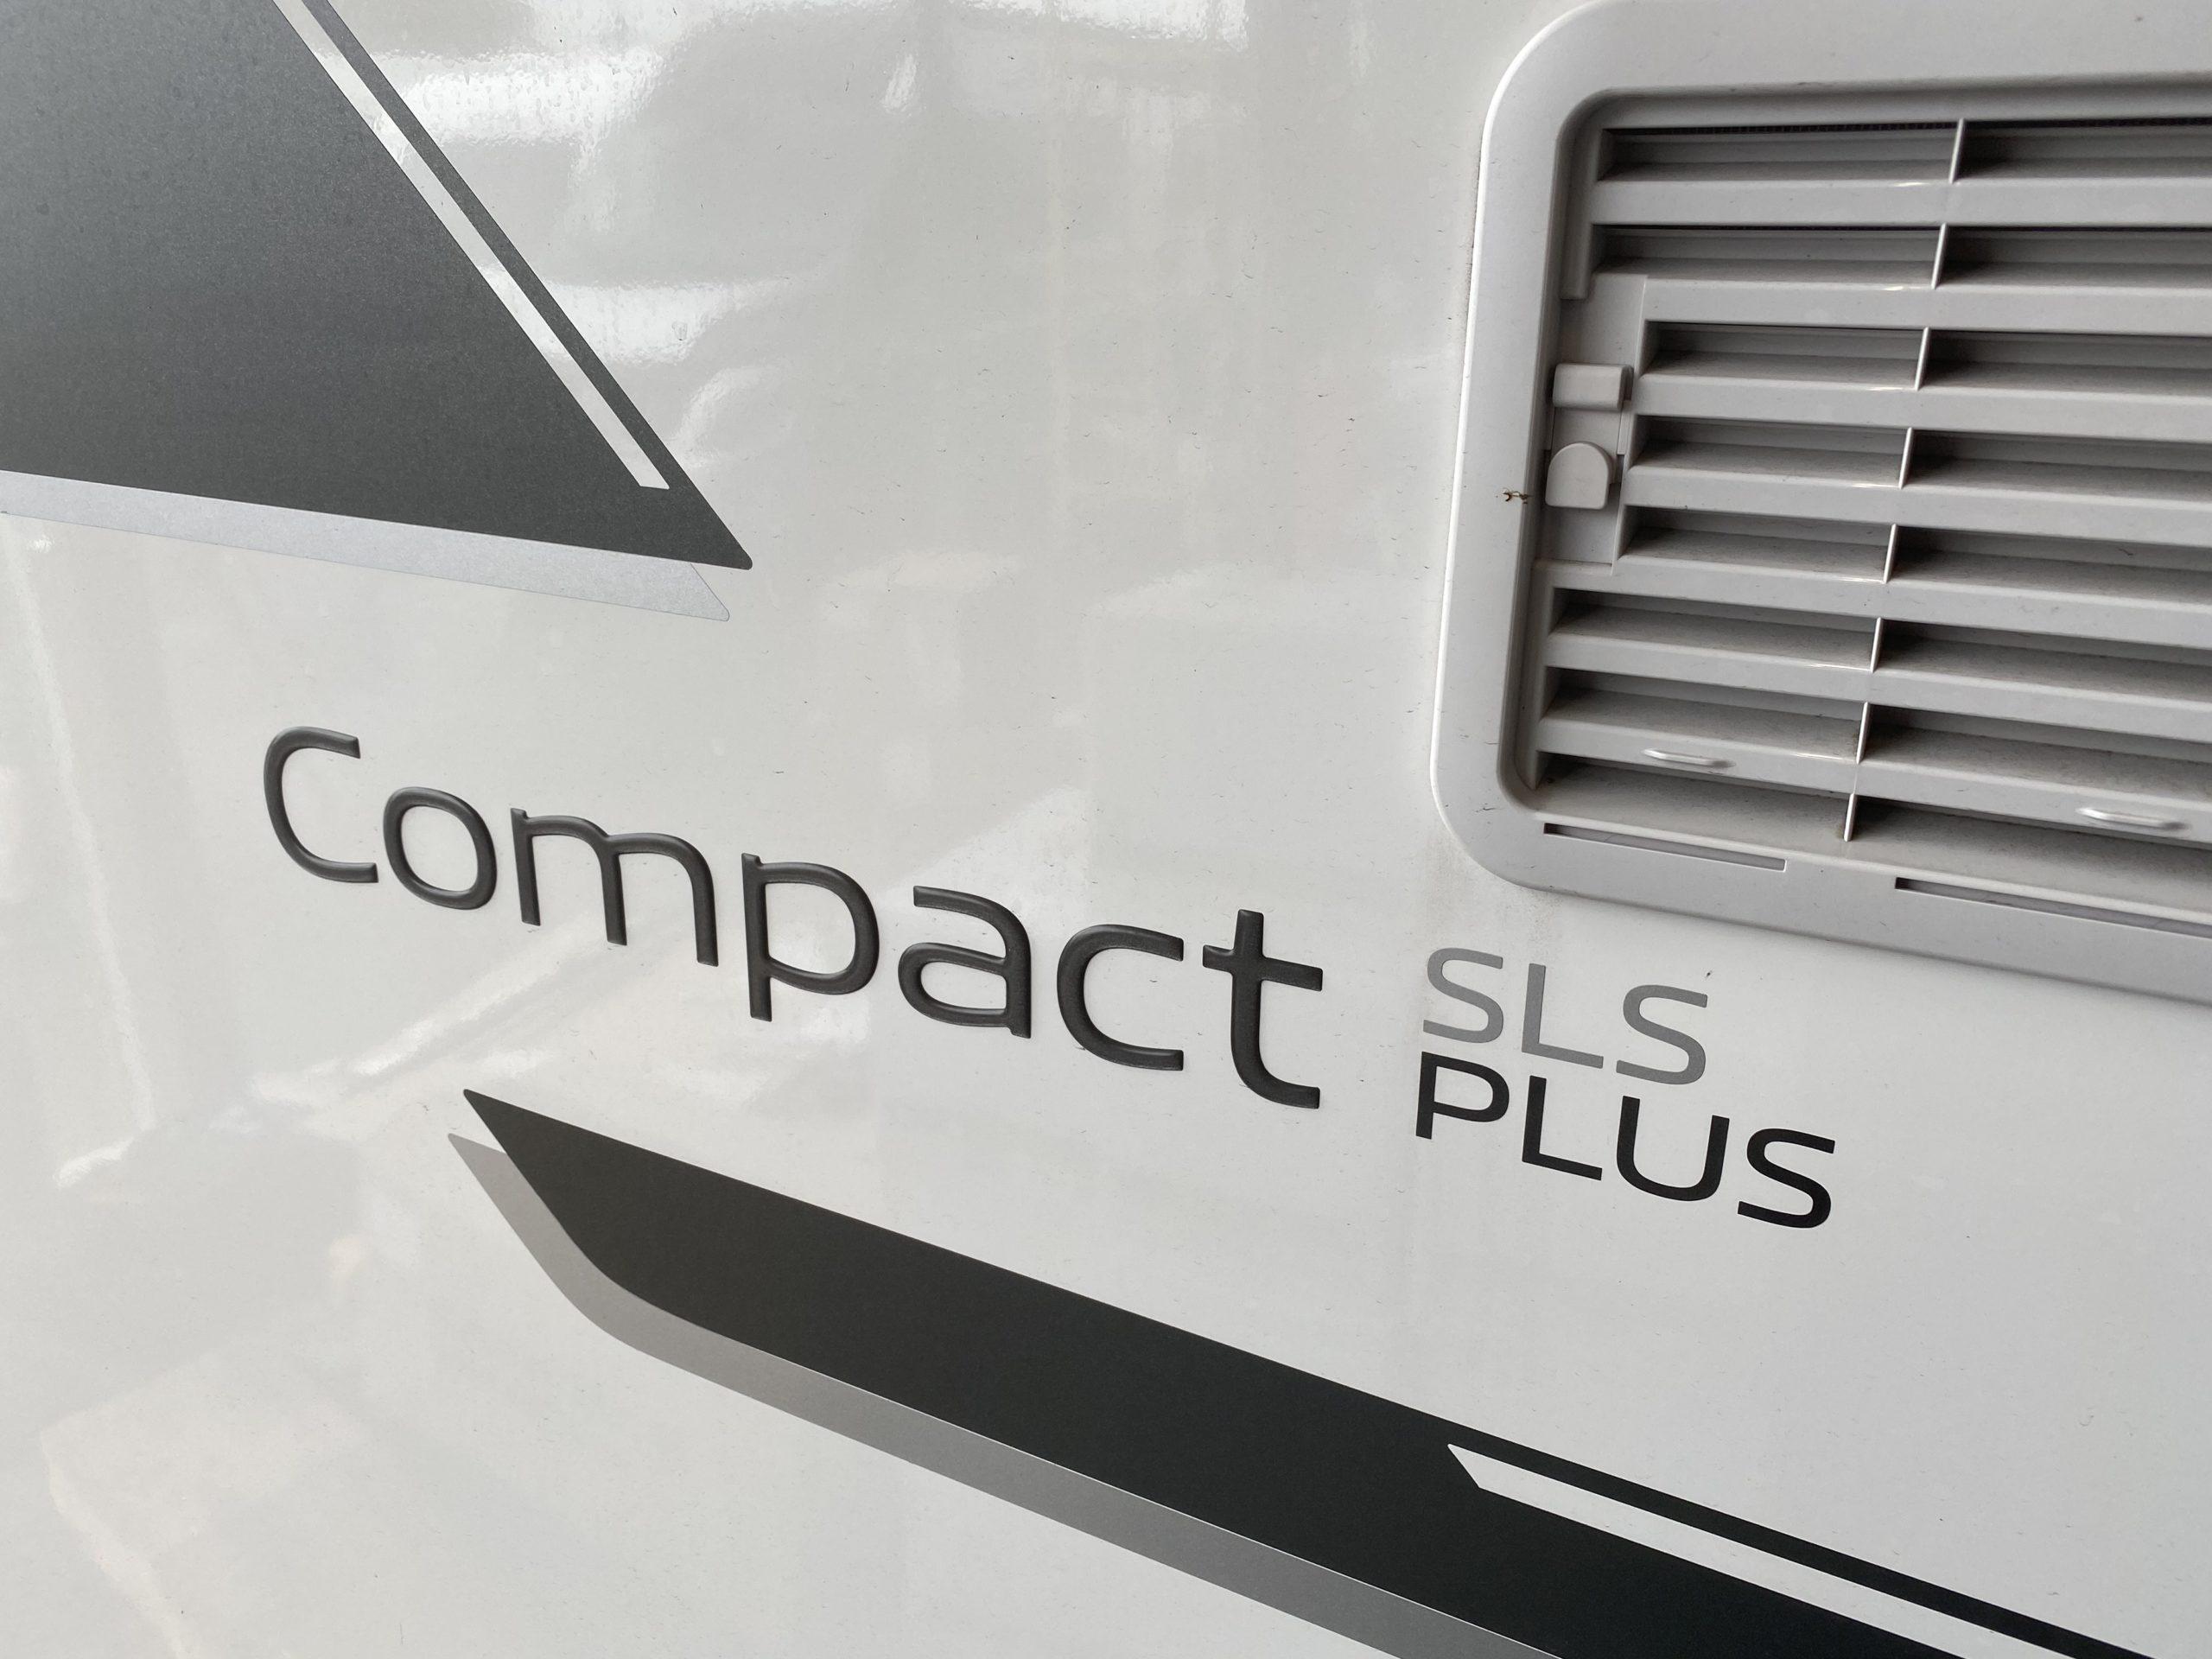 Compact SLS 家庭用エアコンインストール!